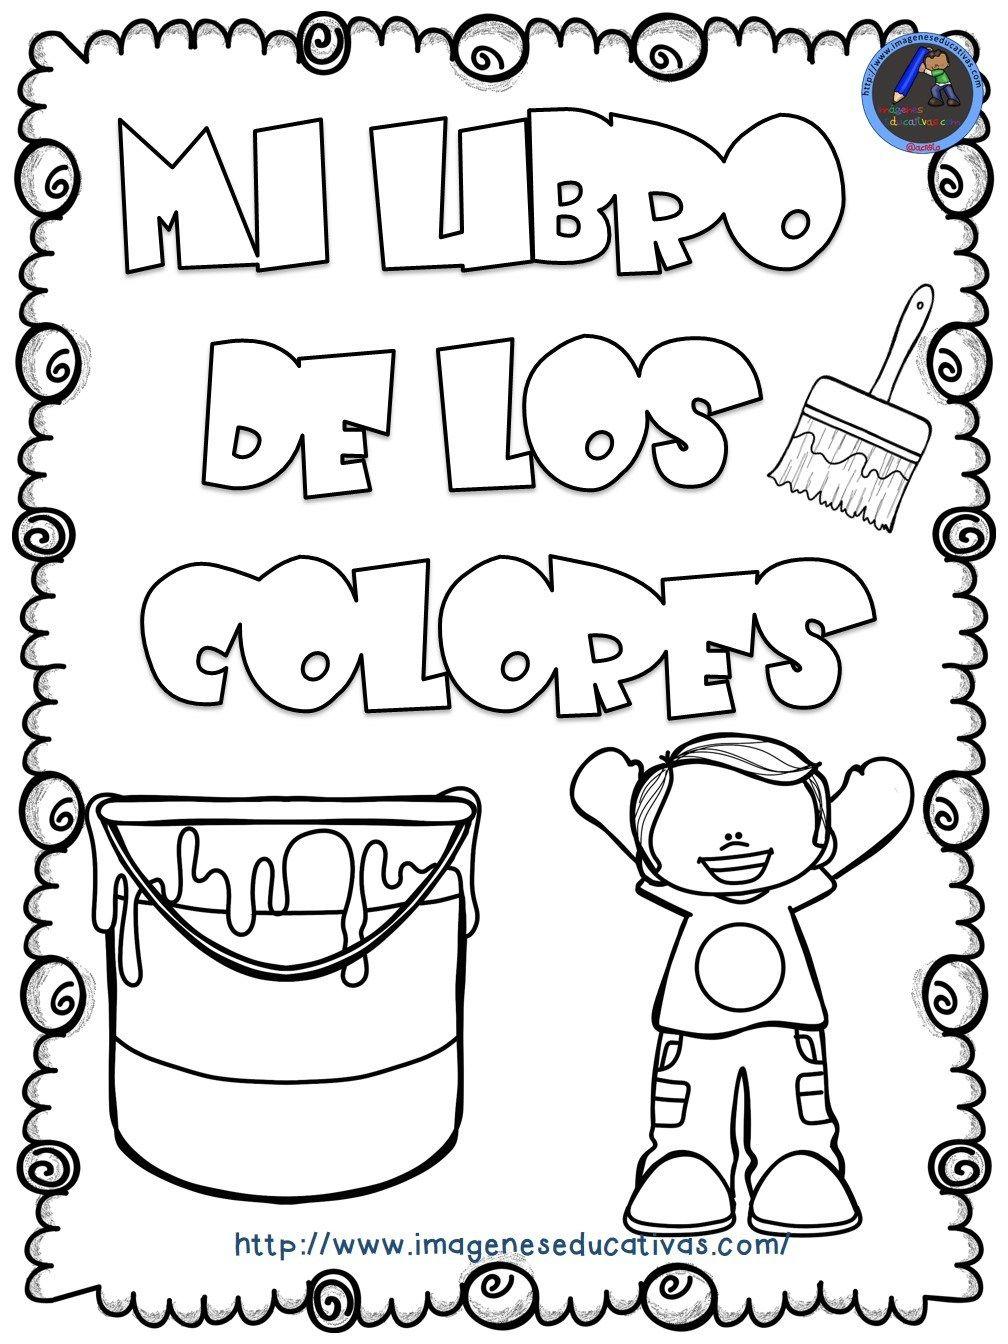 Mi-libro-de-los-colores-para-colorear-1.jpg 1,008×1,344 píxeles ...